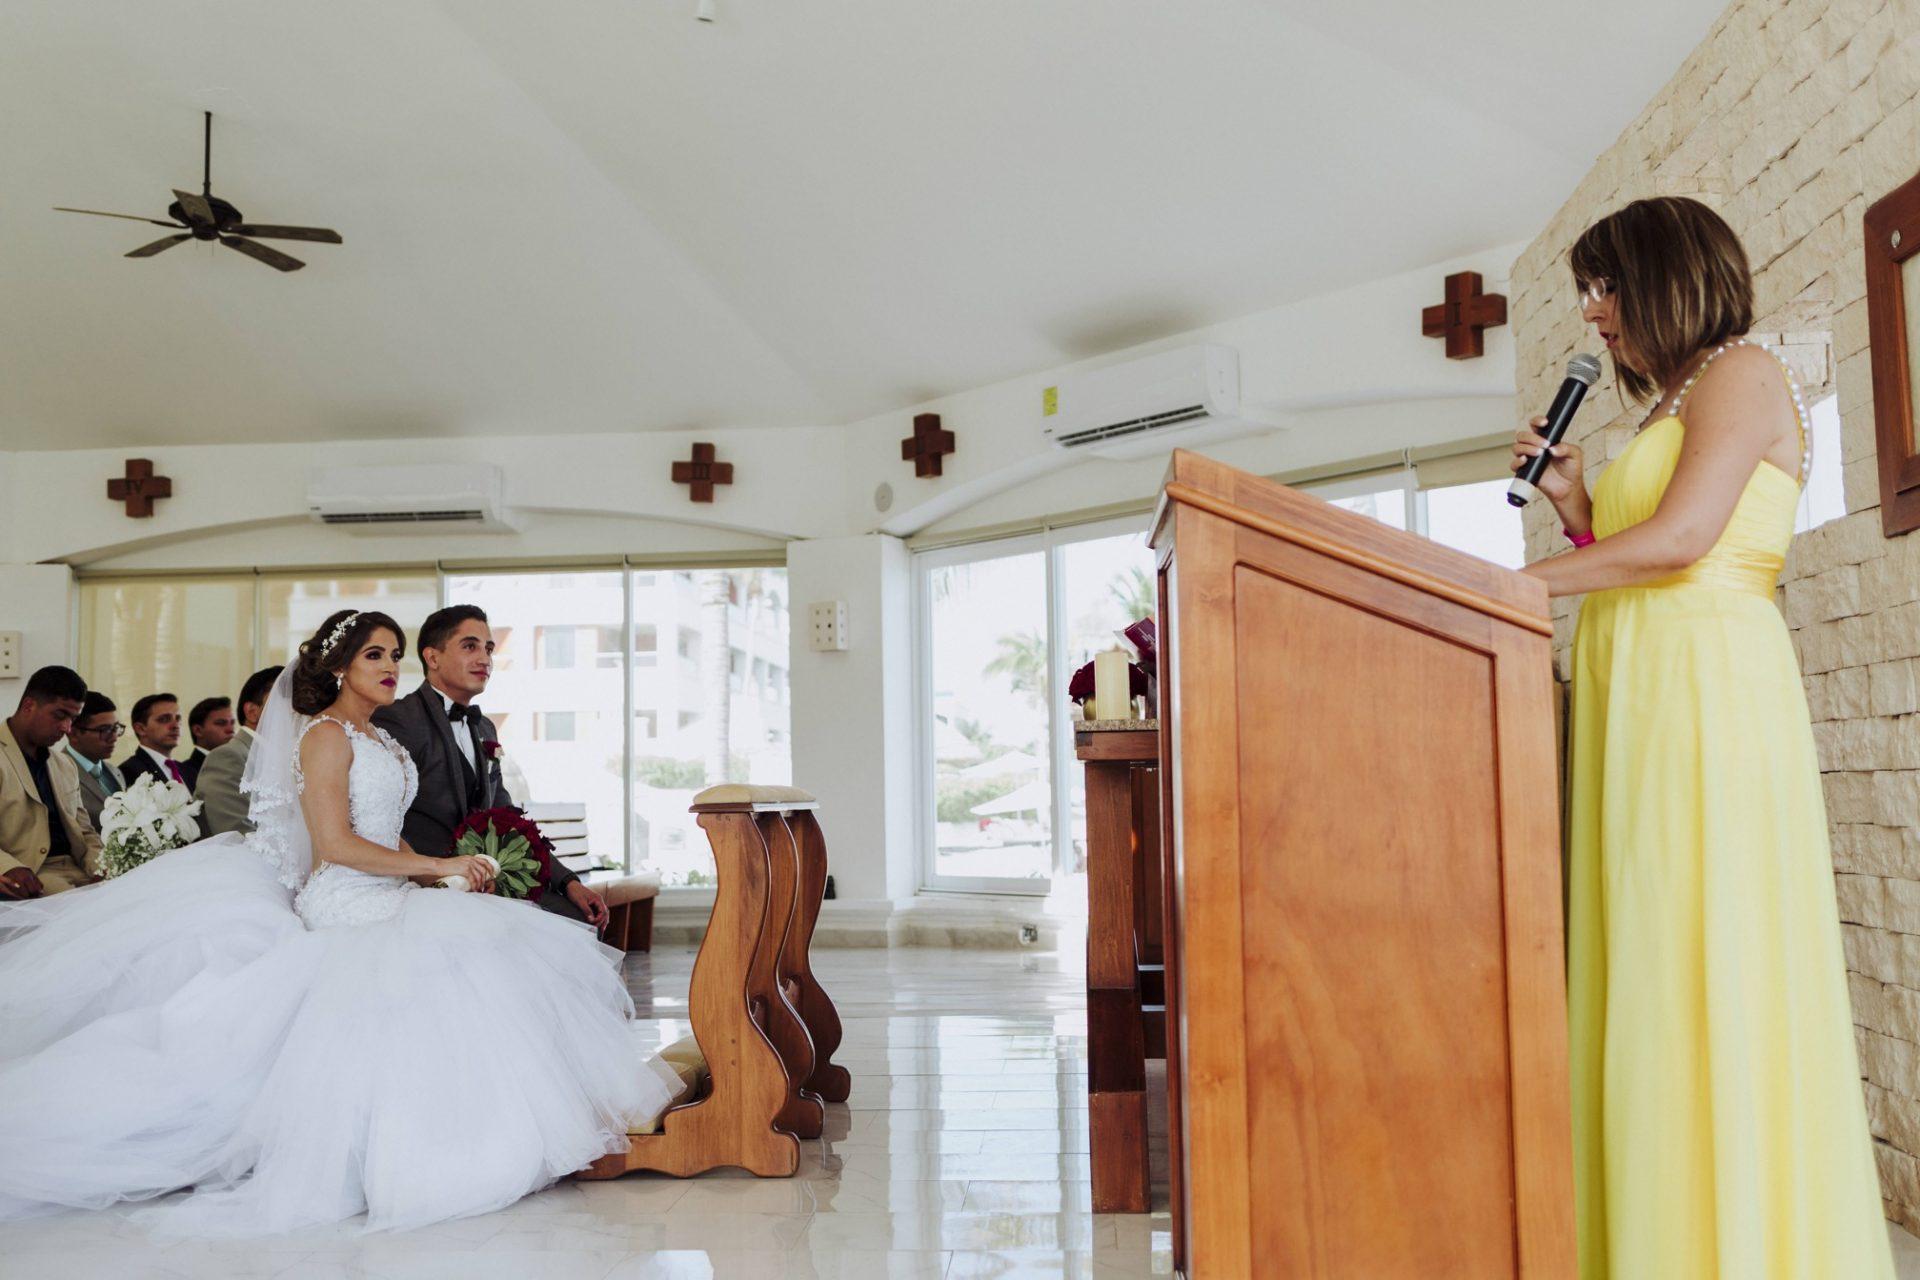 fotografo_bodas_profesional_zacatecas_riviera_maya_cancun-225